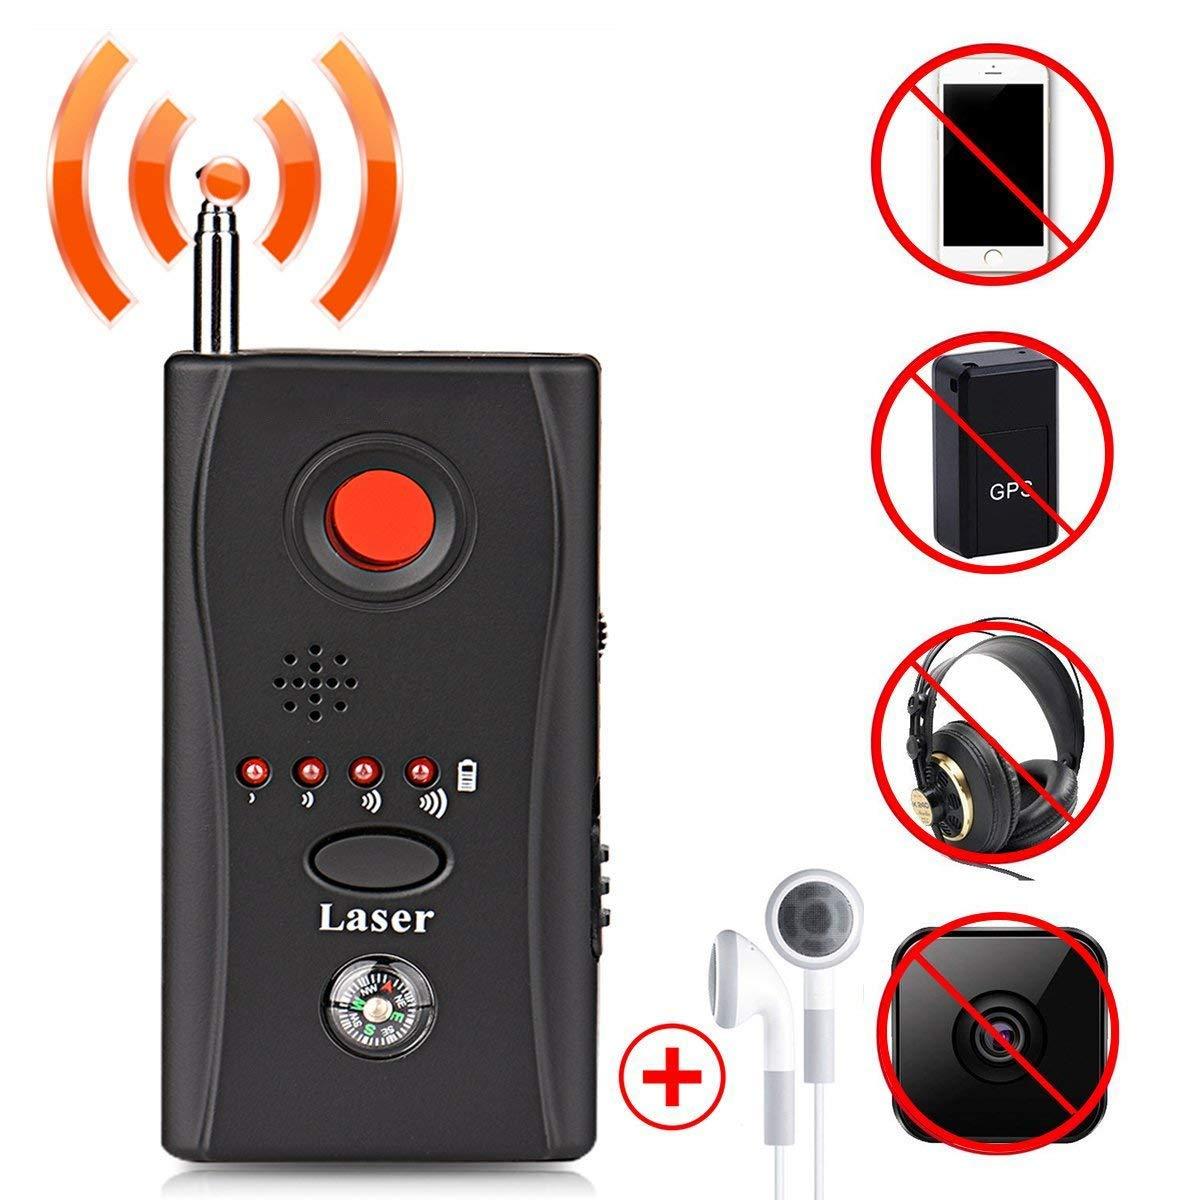 Rf detektor Antispionage-Kamera-Wanze, EEIEER-drahtloser Wanzen-Detektor Versteckte Kamera-Linsen-Detektor-Funkwellen-Signal-Entdeckung Vollsortiment-G / M Gerä tefinder, Kamera-Detektor fü r Abhö rsicherheit / Candid / GPS-Verfolger